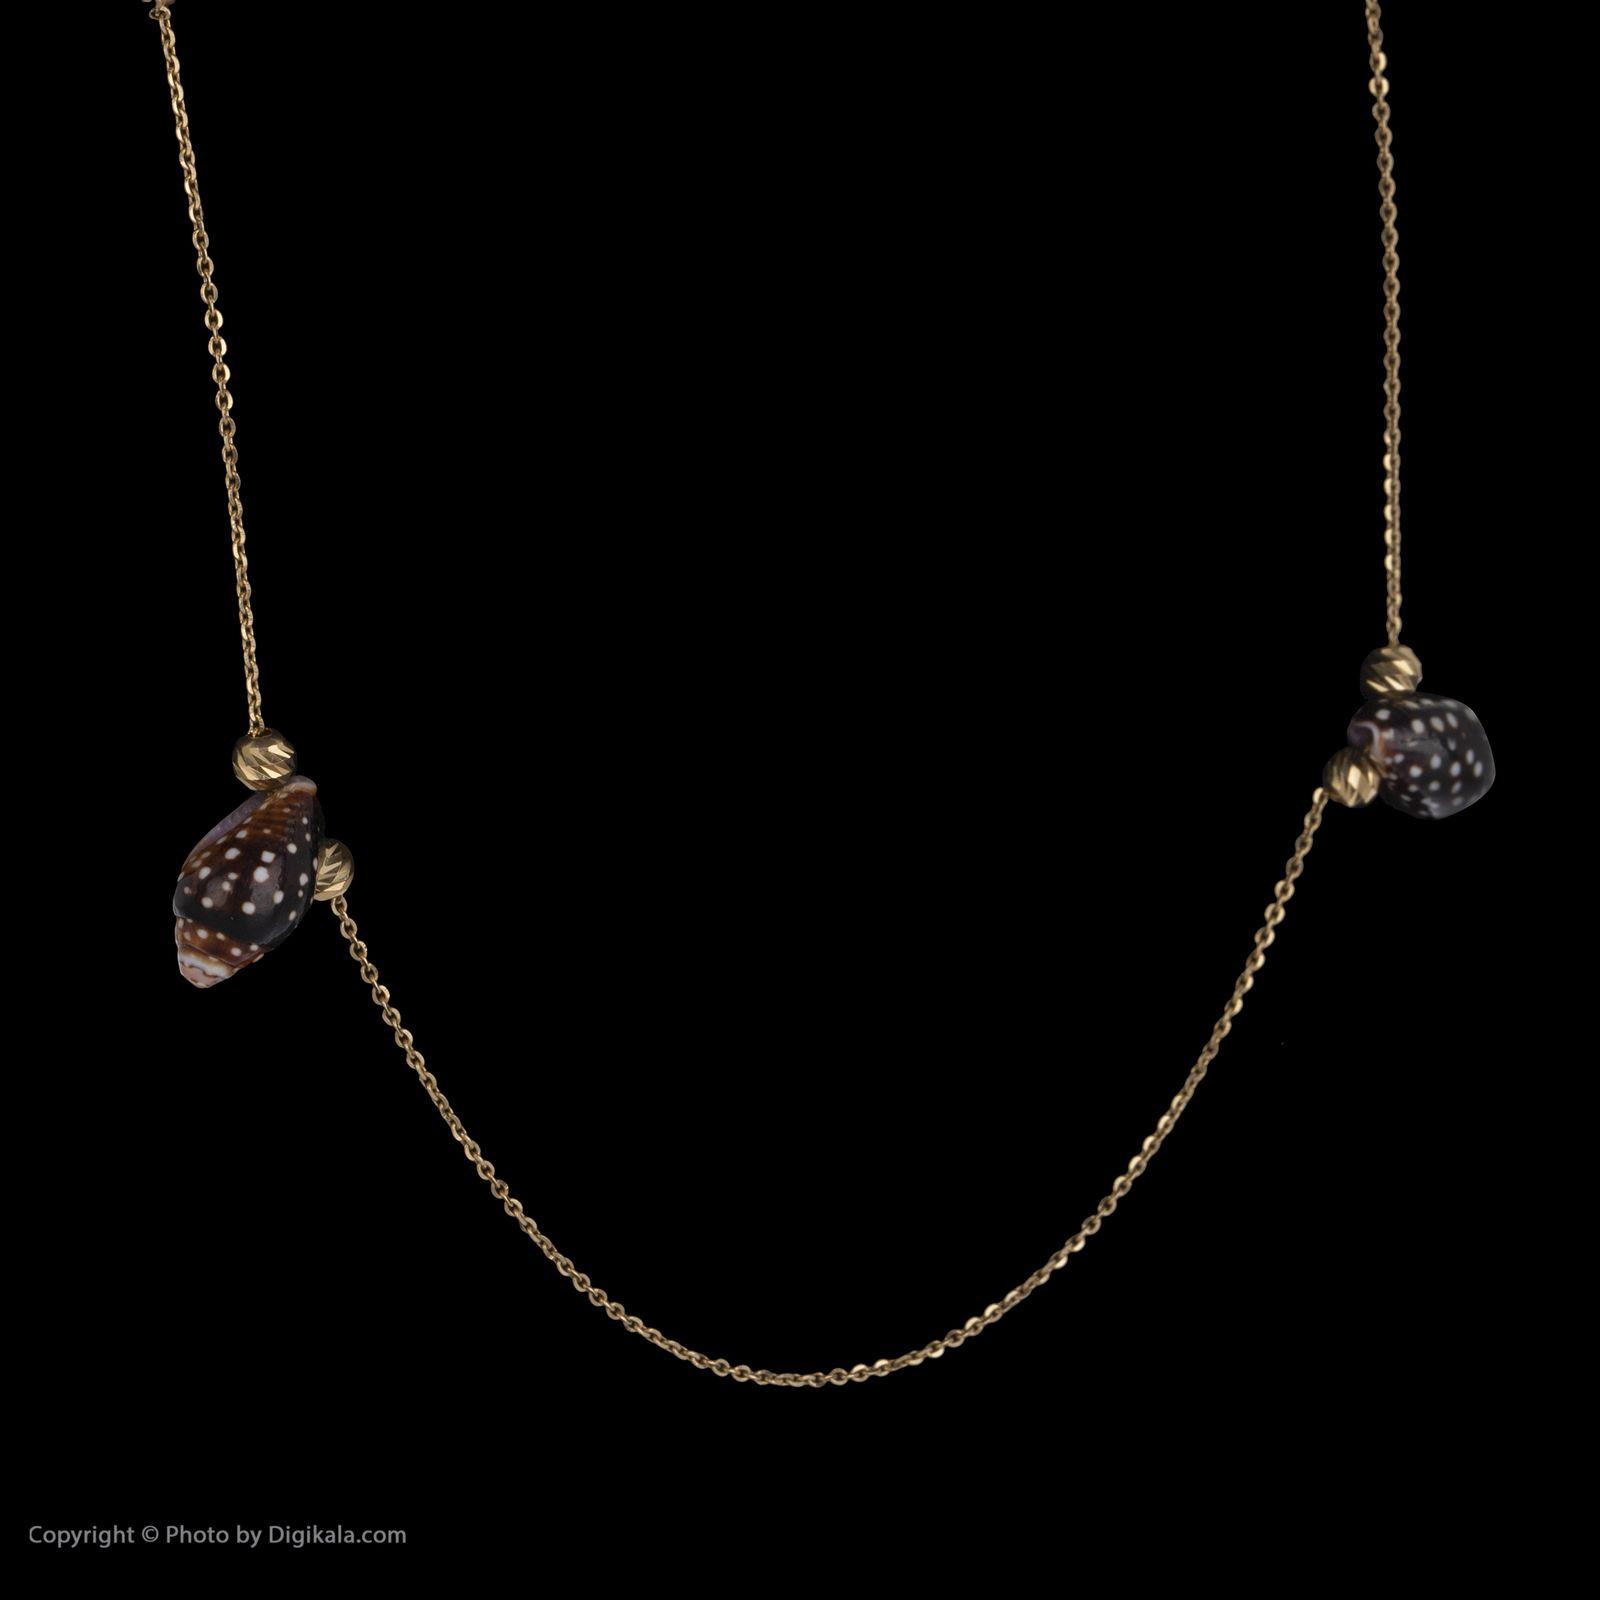 گردنبند طلا 18 عیار زنانه سیودو مدل 147638 -  - 4